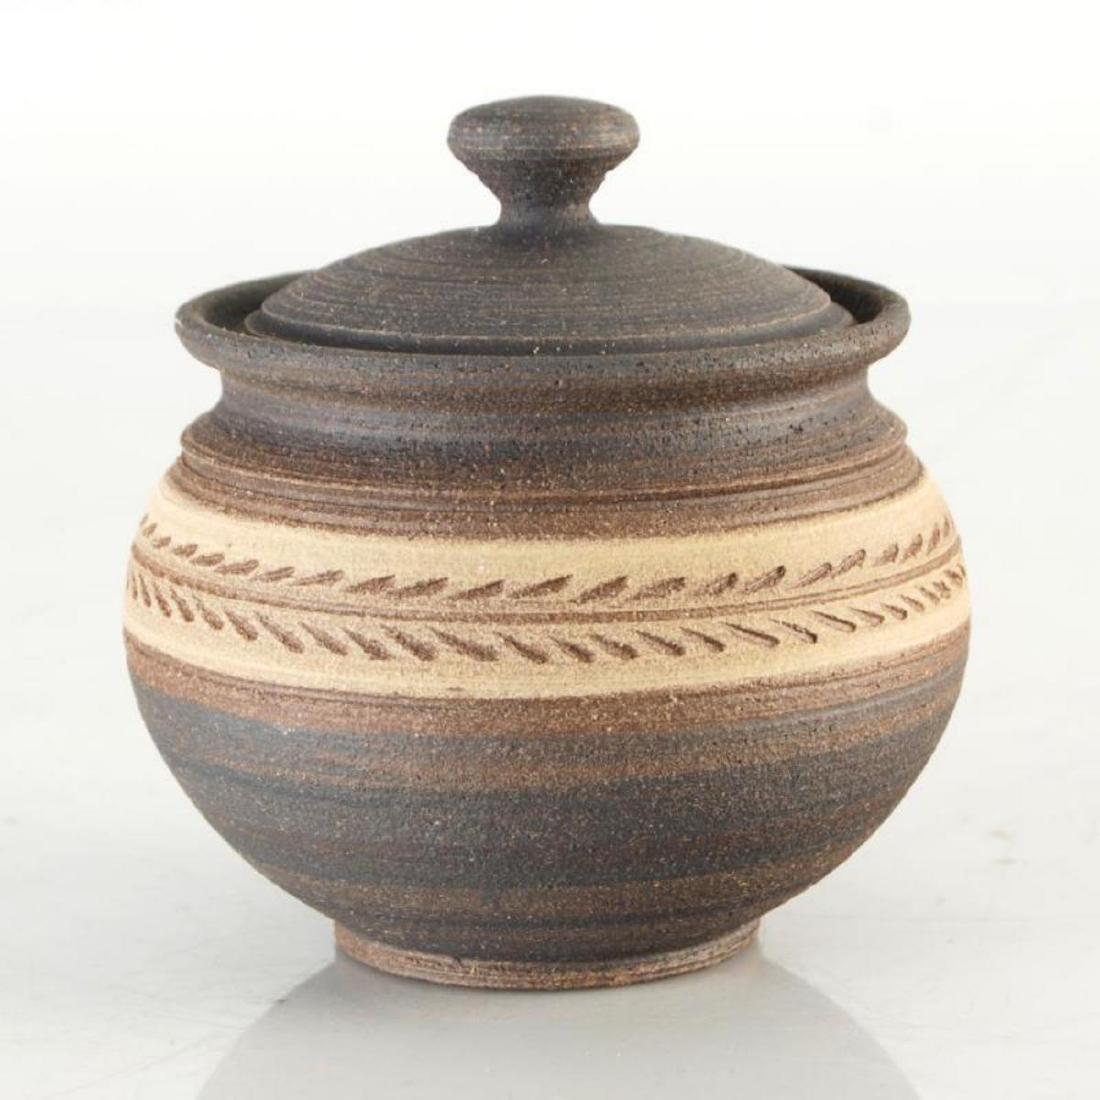 Eugenijus Tamosiunas - Hand Made Ceramic Jar with Lid.